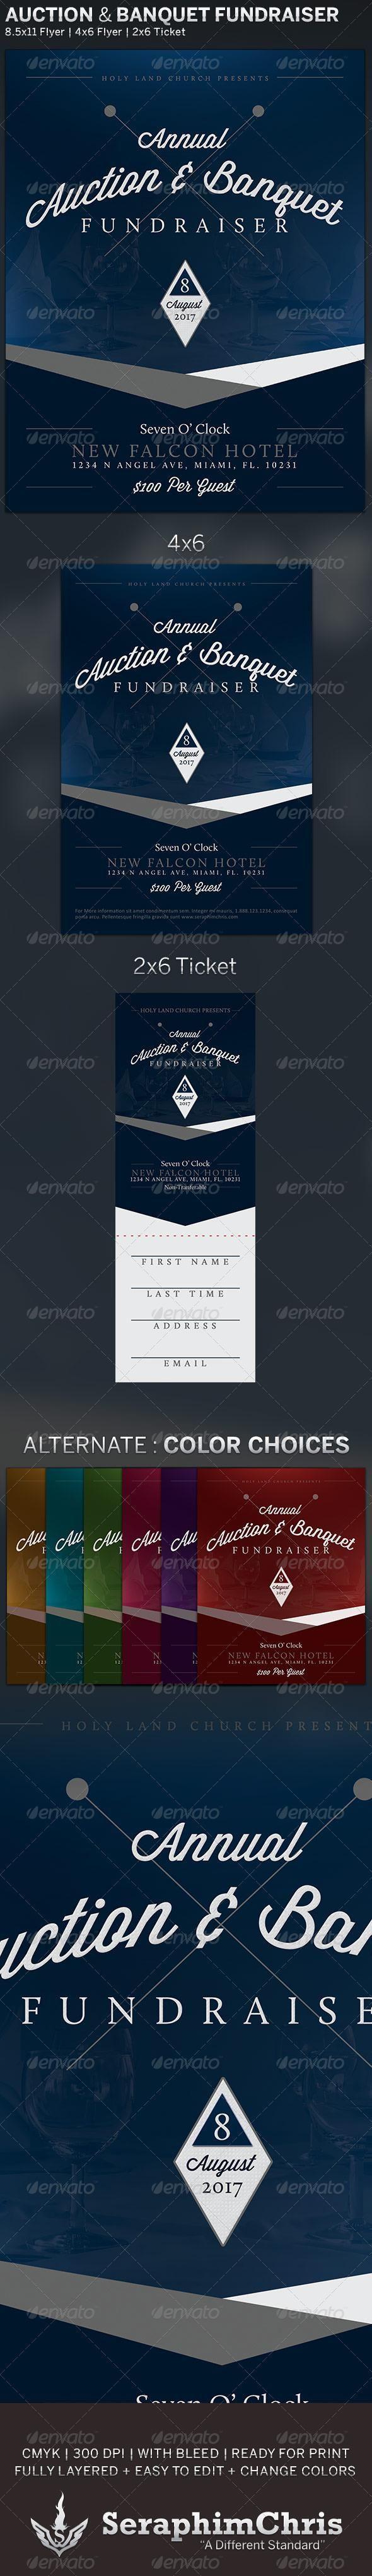 auction banquet fundraiser flyer template flyer flyerdesign print church bestdesignresources